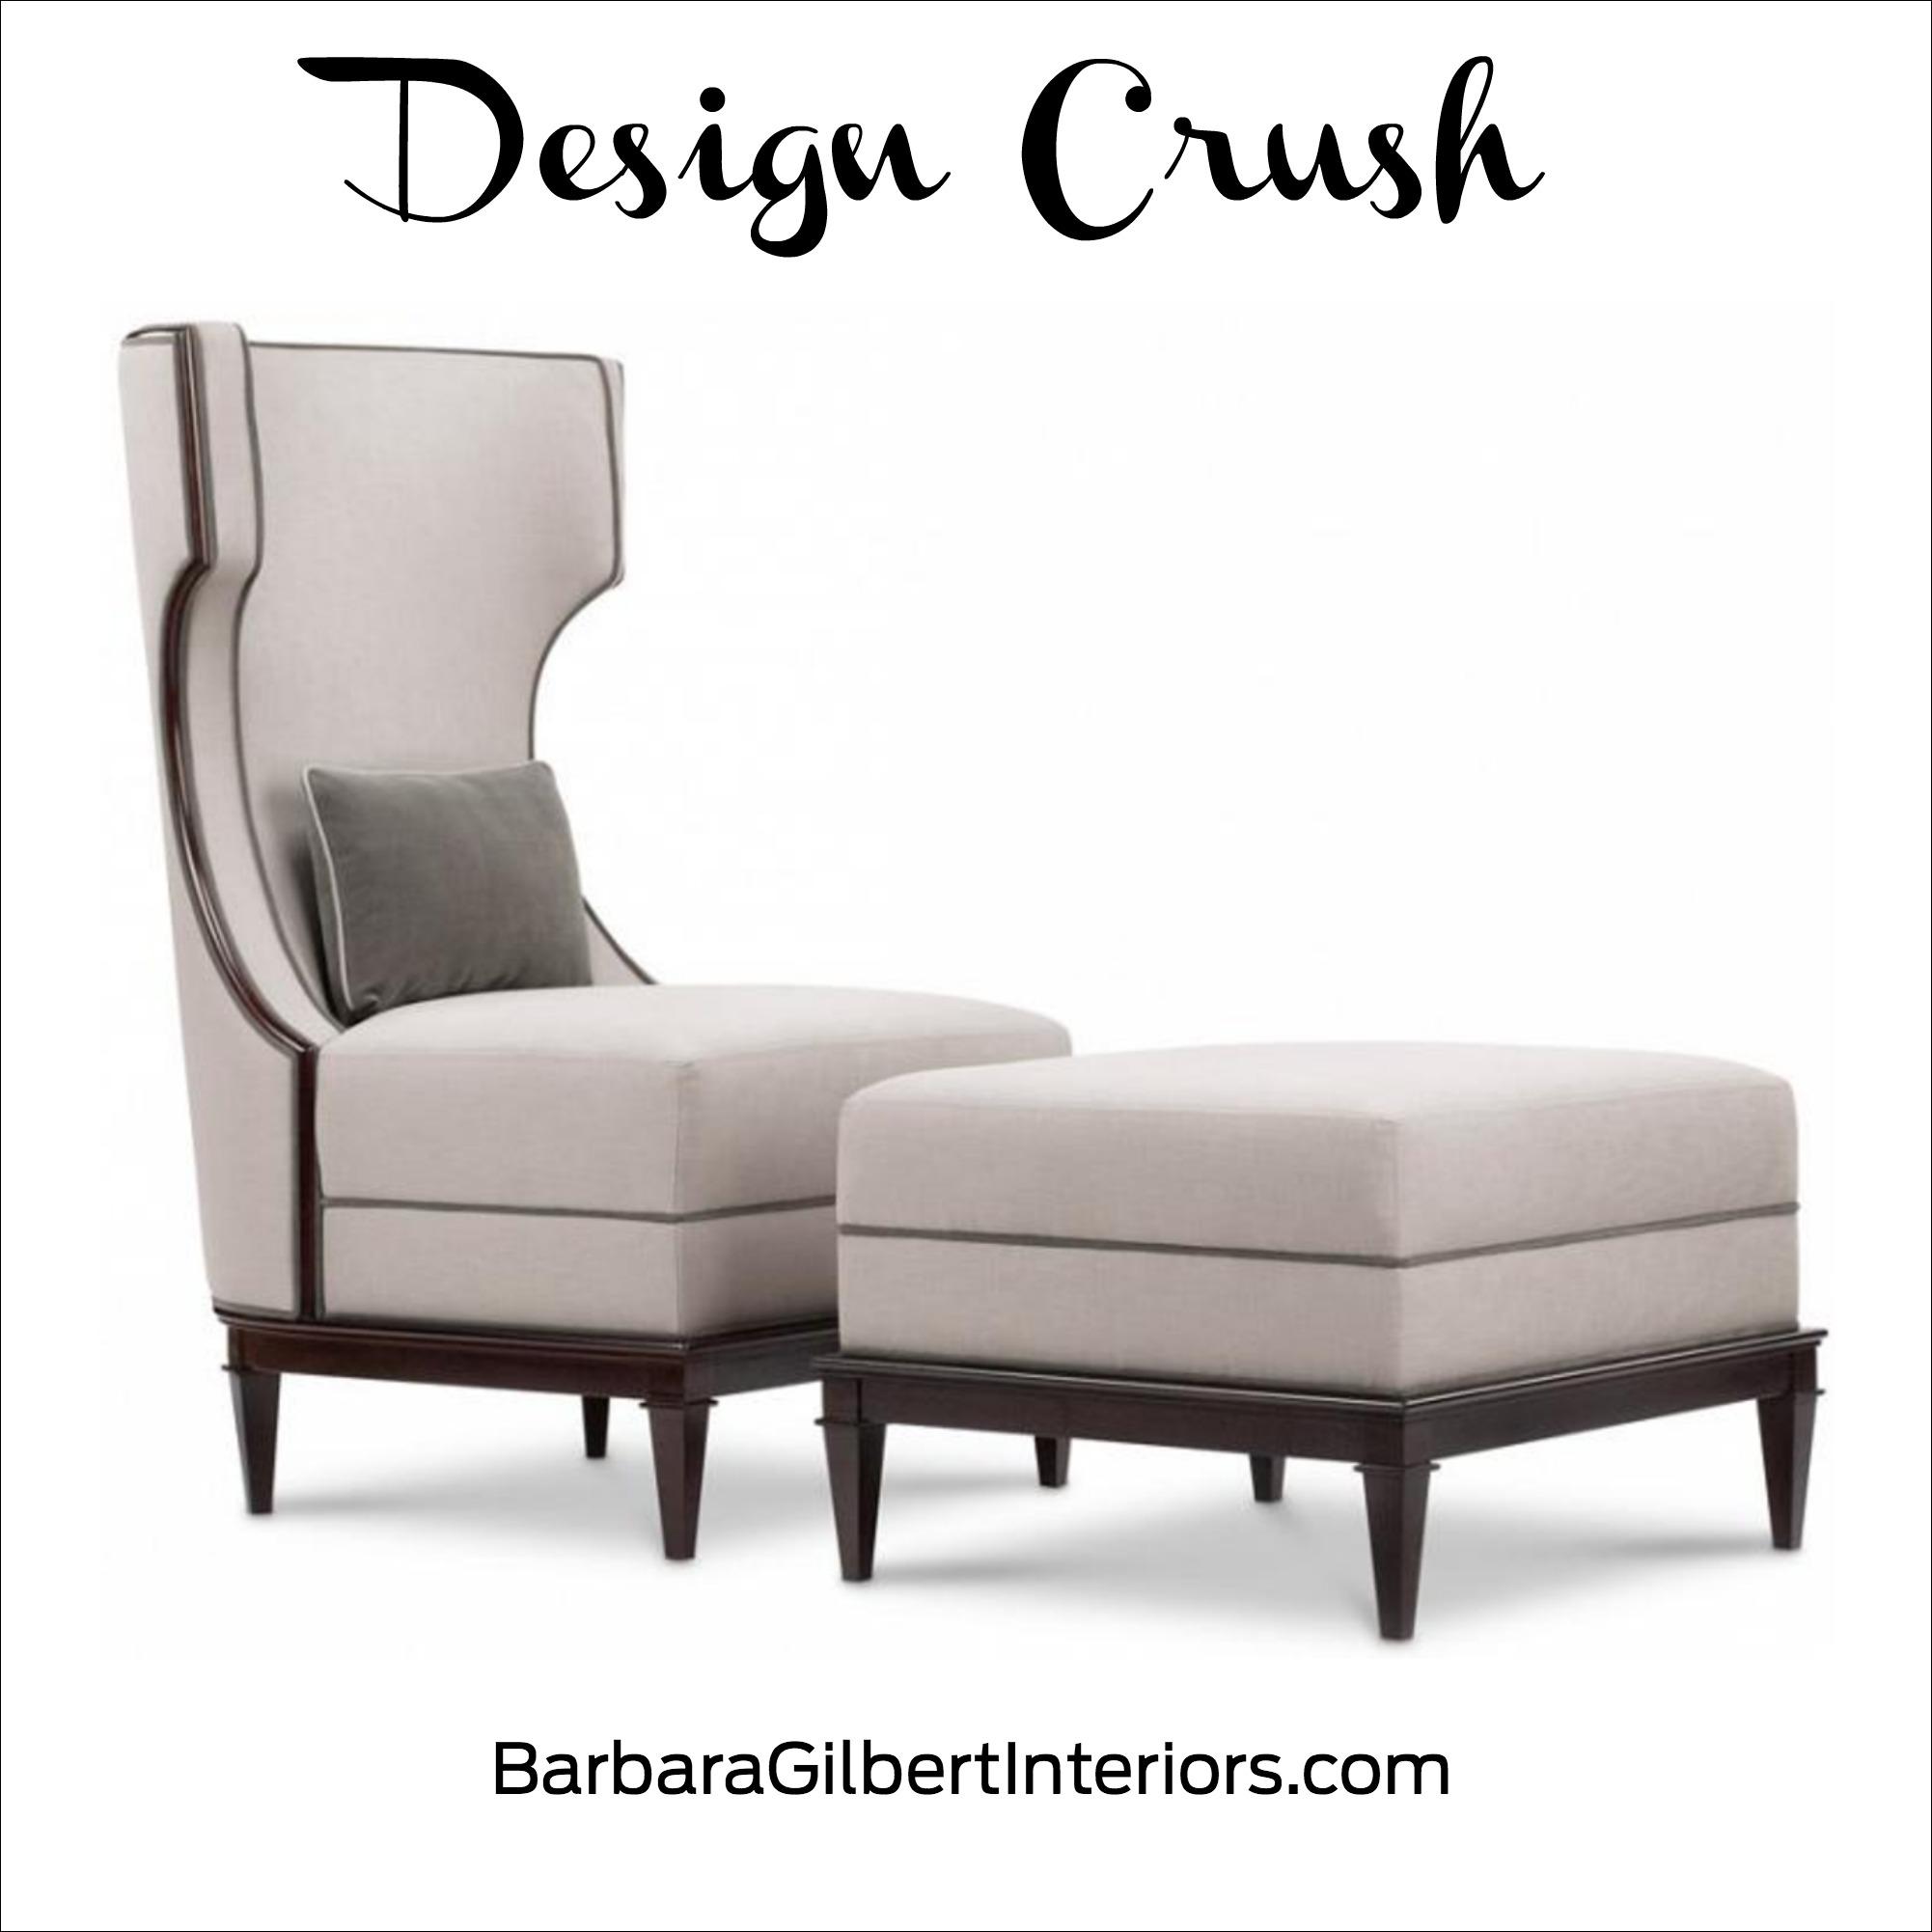 Design Crush: Demi Wing Chair | Interior Design Dallas | Barbara Gilbert Interiors